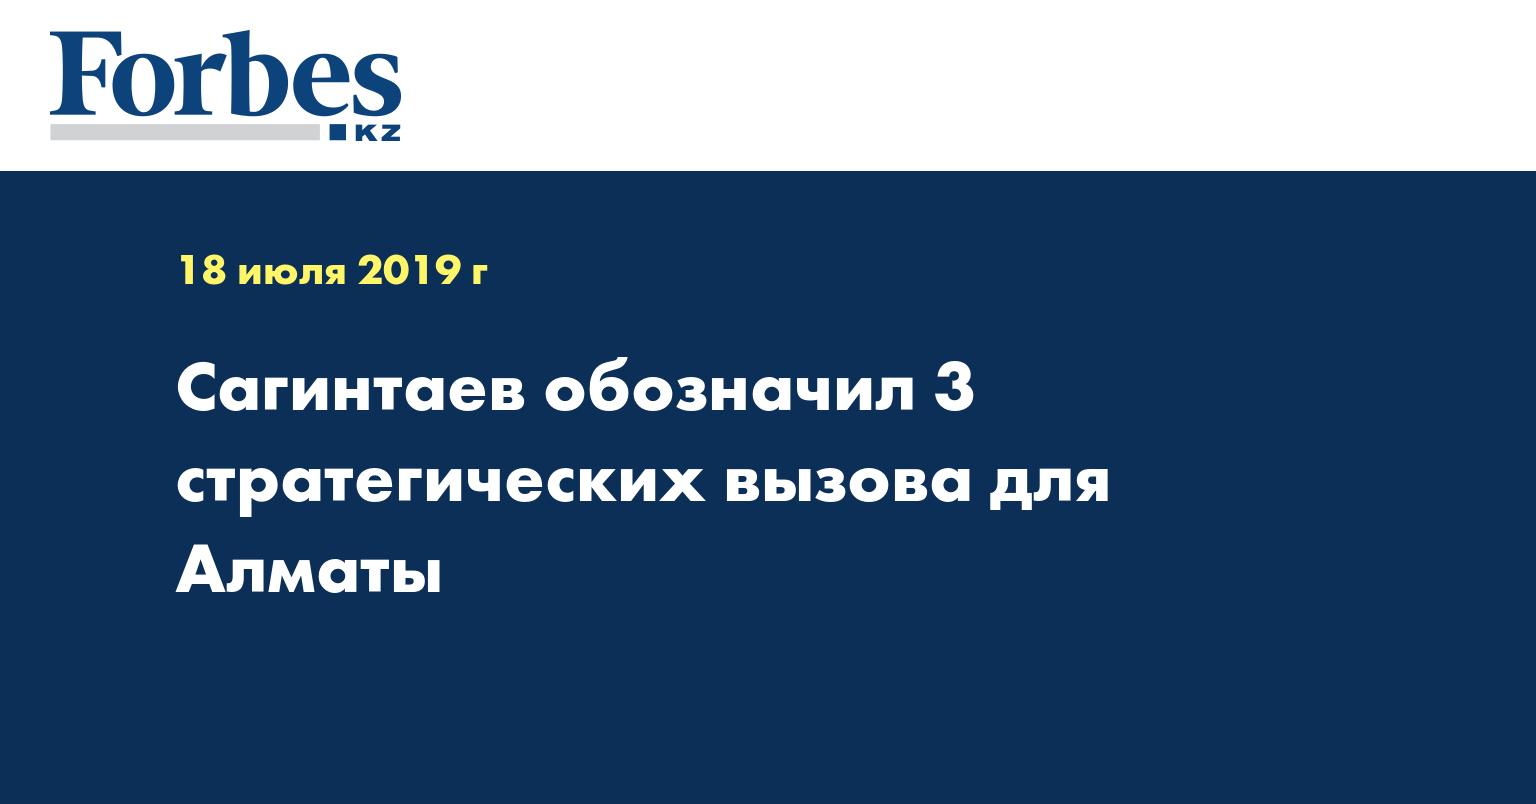 Сагинтаев обозначил 3 стратегических вызова для Алматы